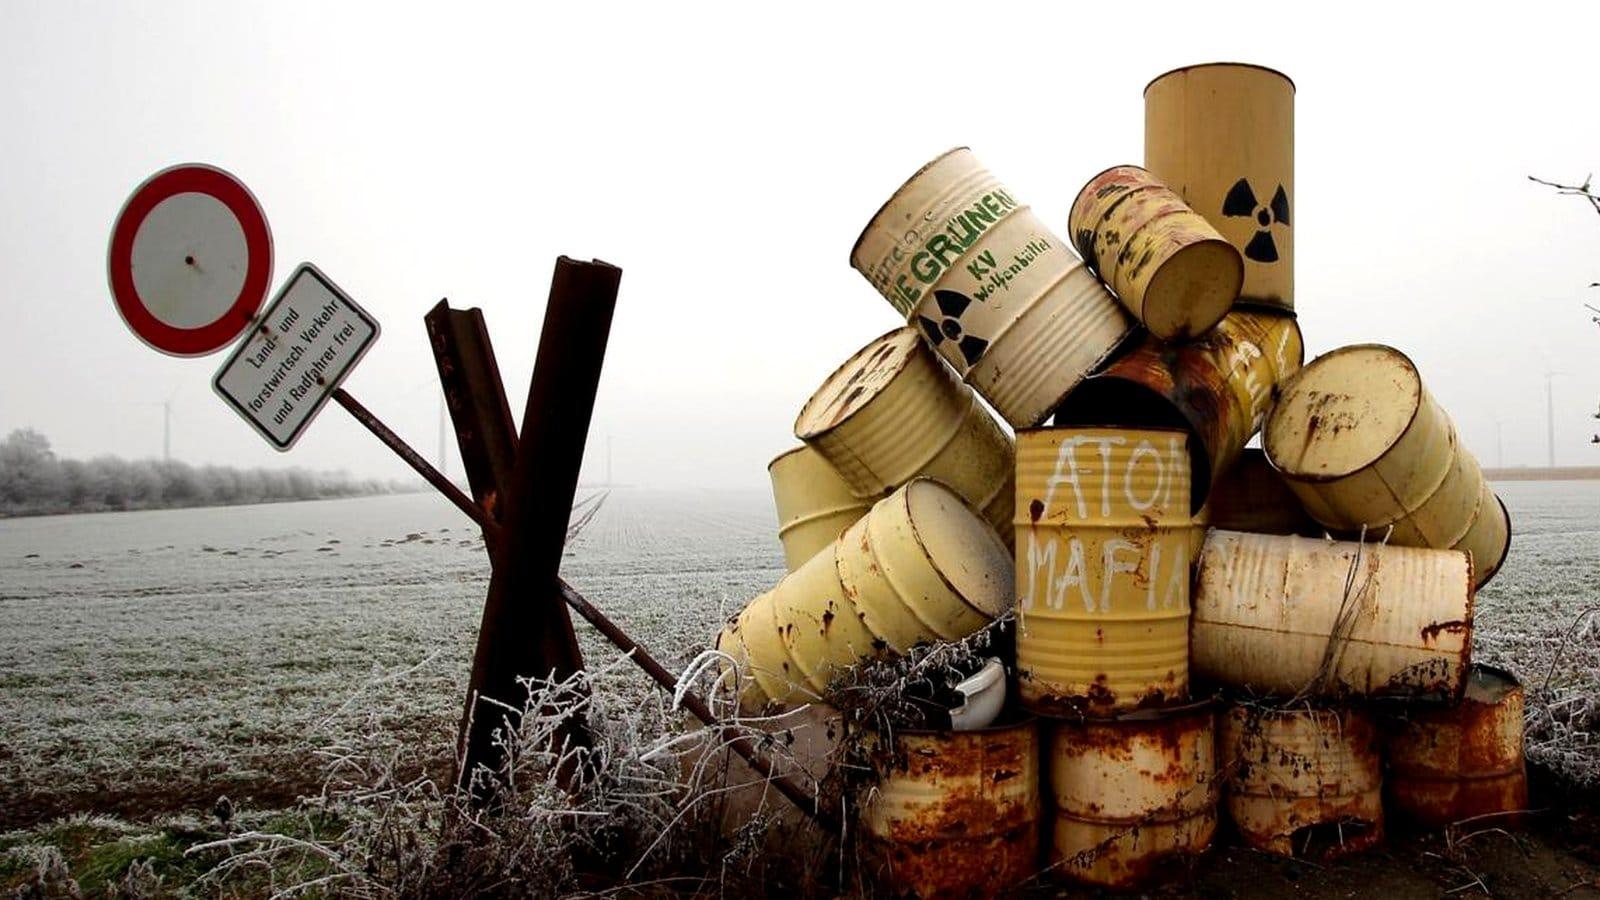 Порядок захоронения радиоактивных отходов и ядерные могильники